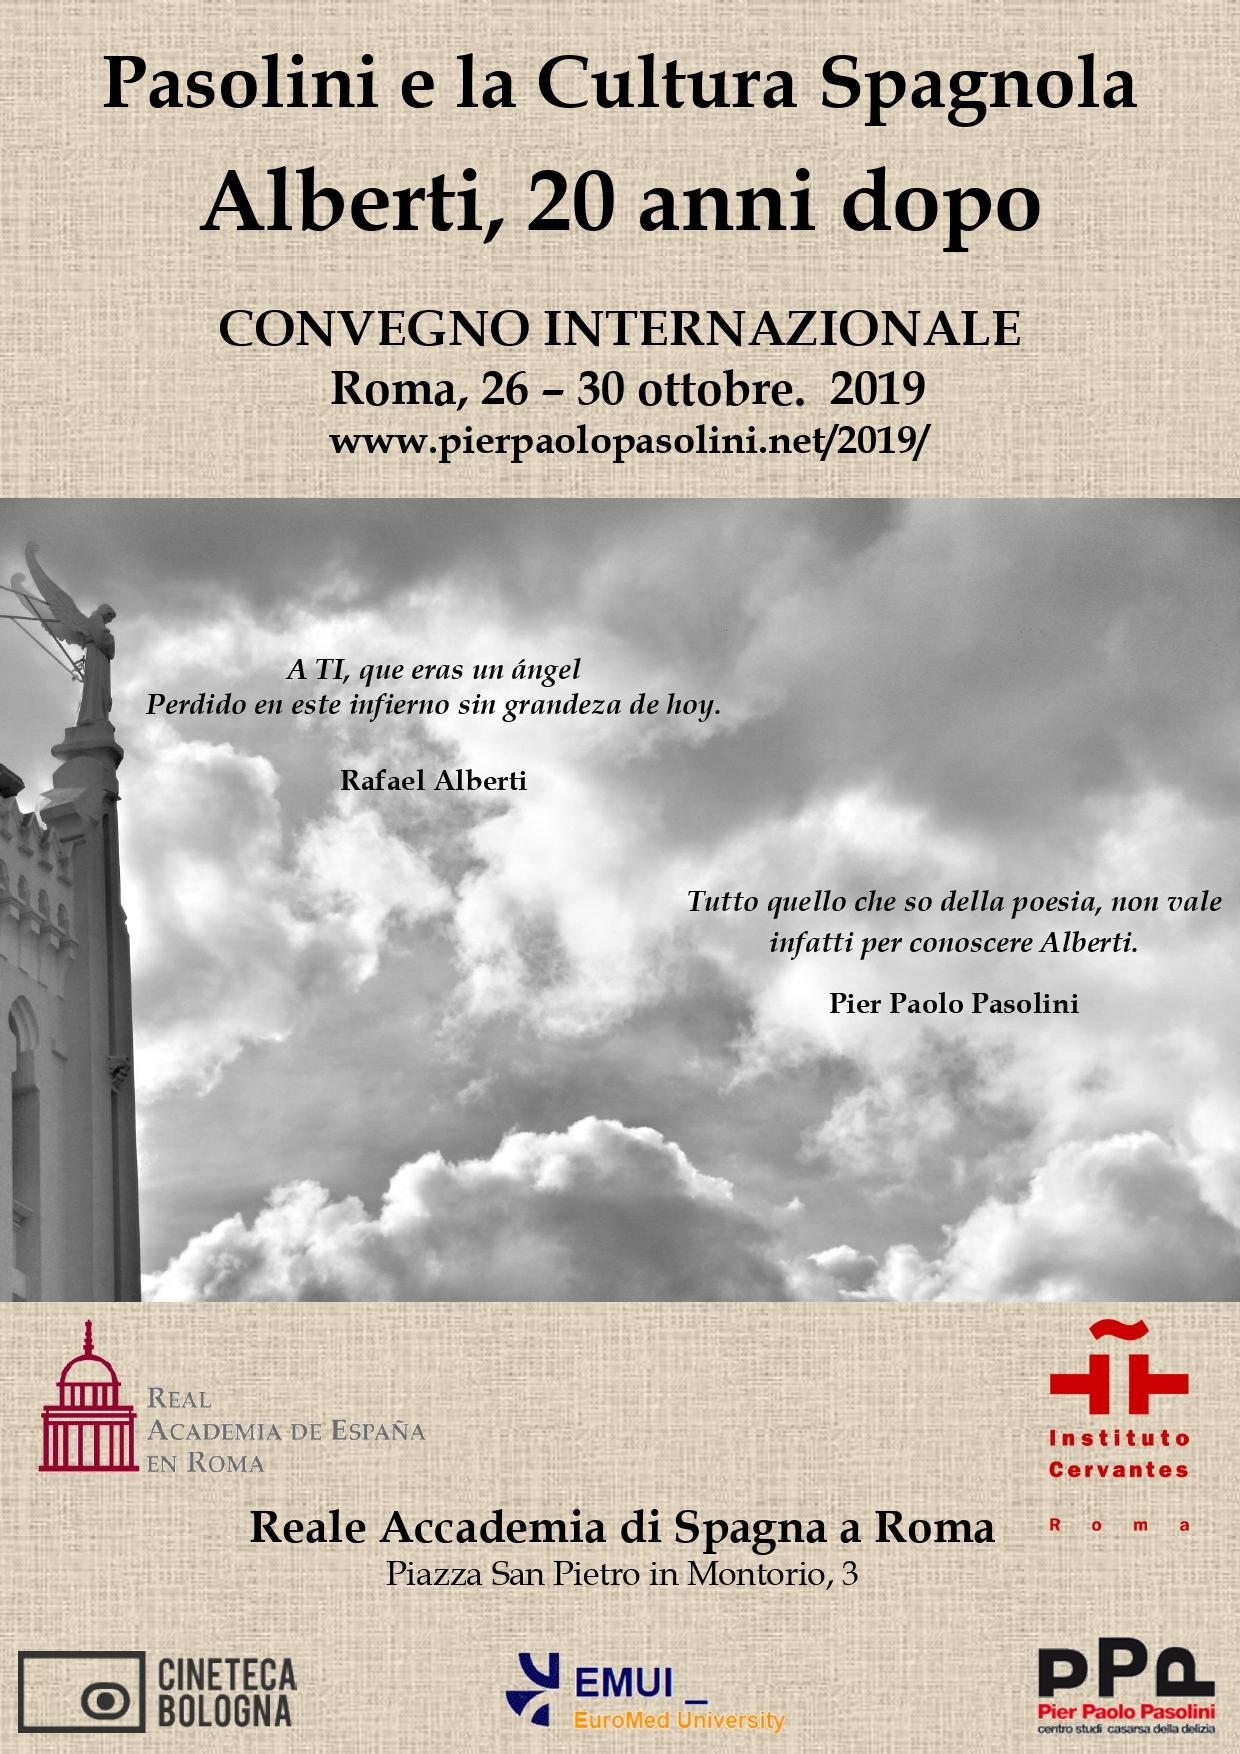 Pasolini e la cultura spagnola (1).jpg